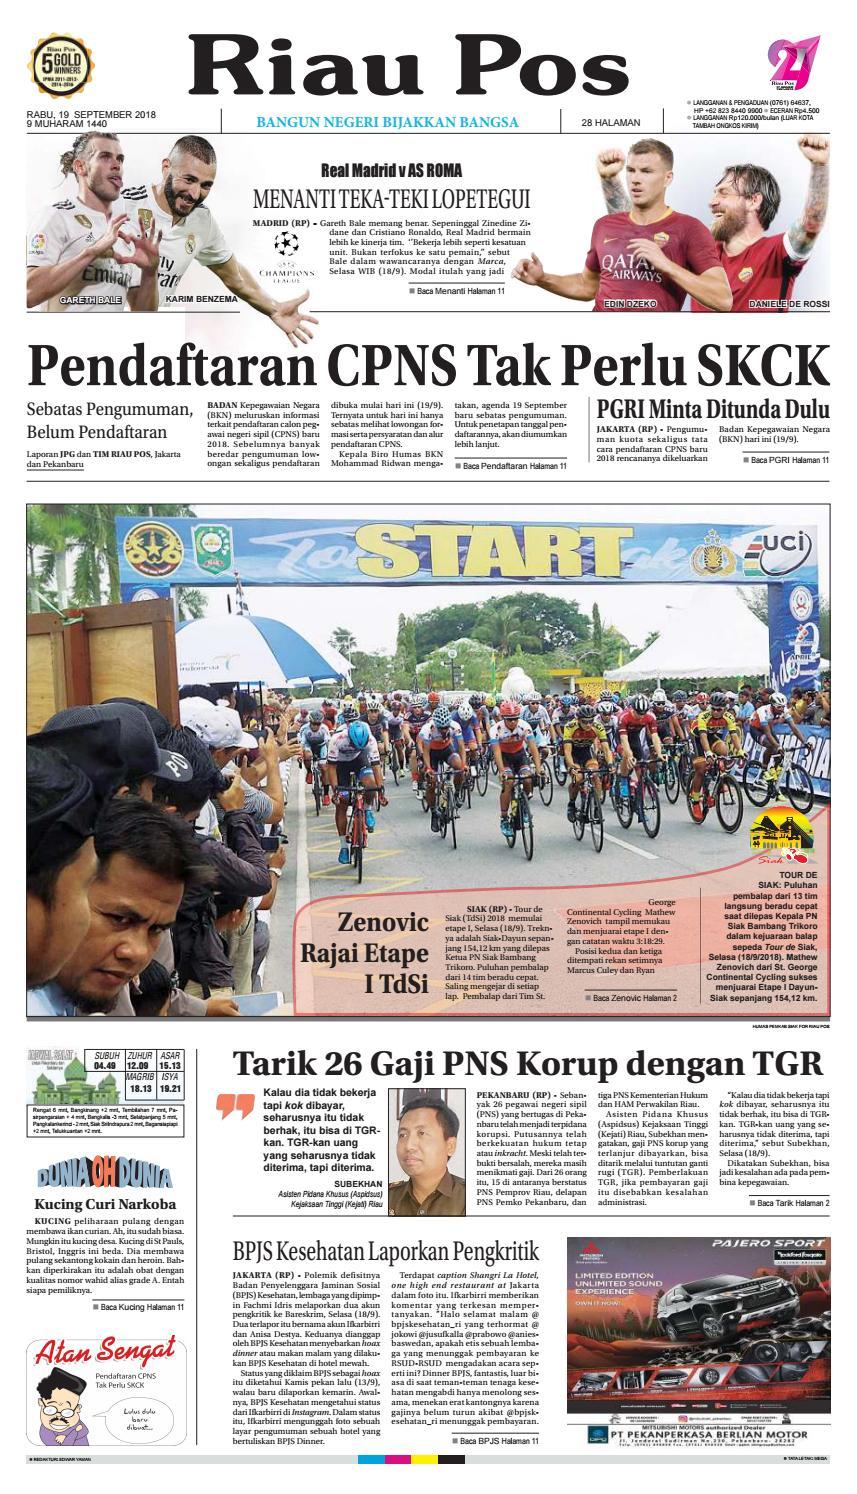 Riau Pos Edisi 19 September 2018 By Issuu Rkb Tegal Madu Mongso